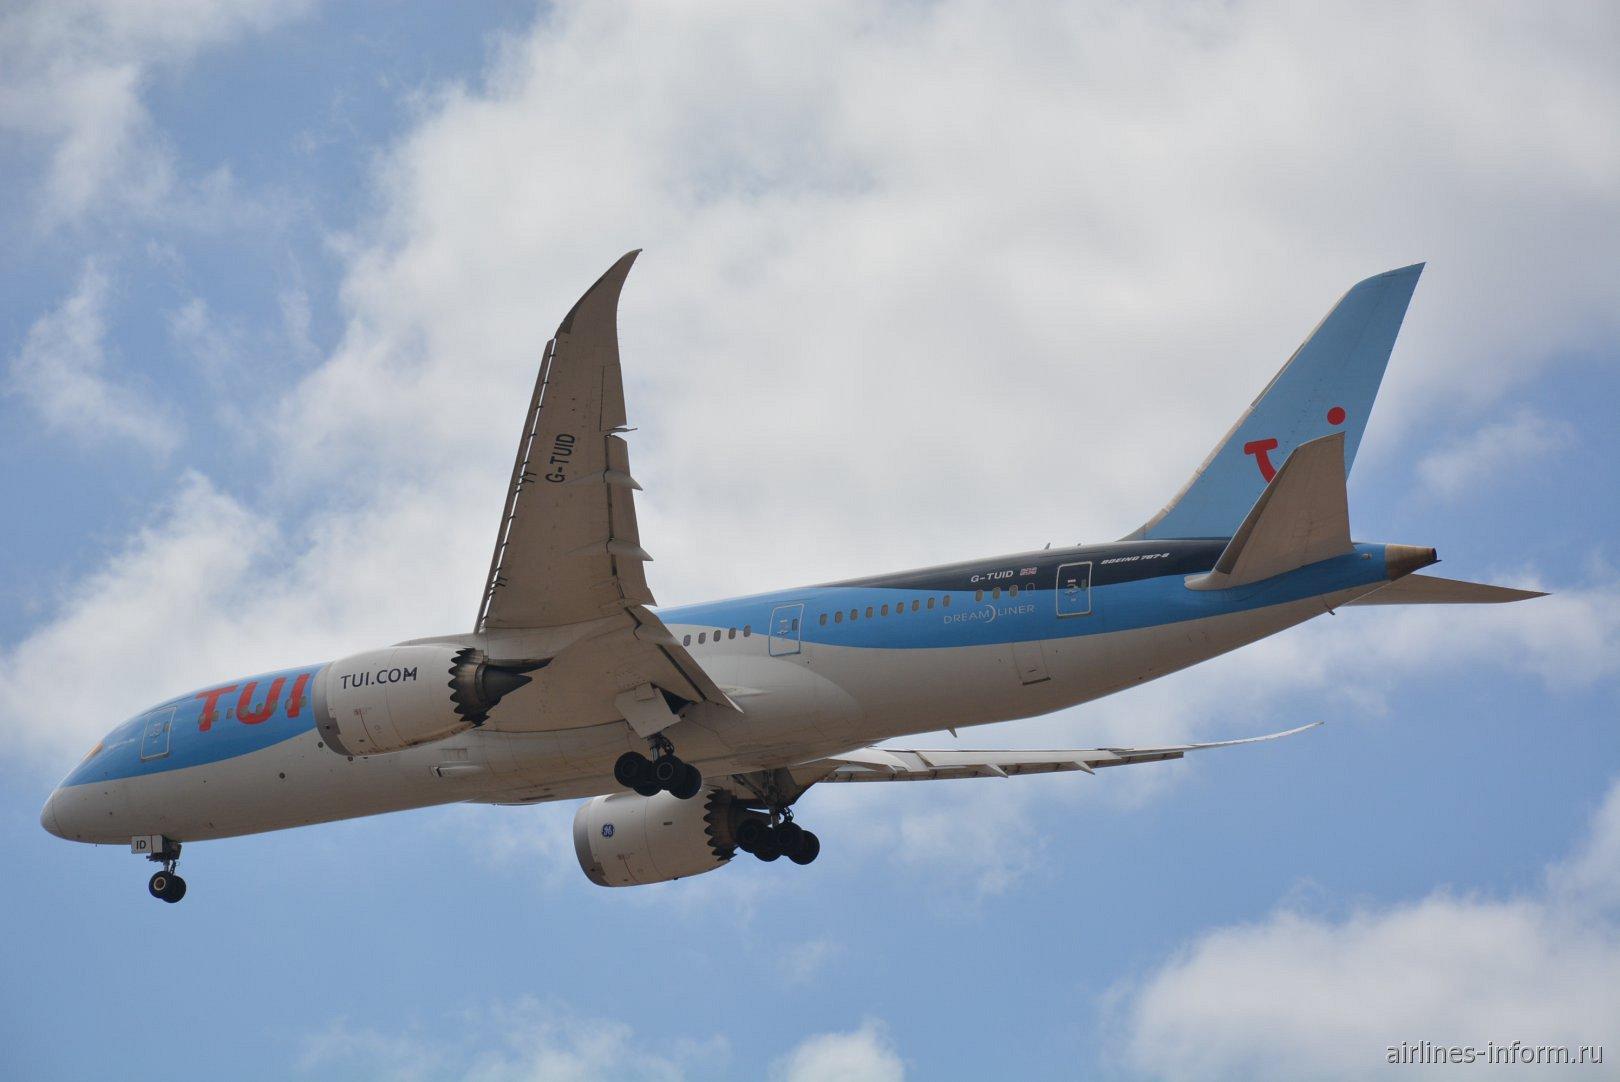 Boeing 787-8 с номером G-TUID авиакомпании Thomson Airways